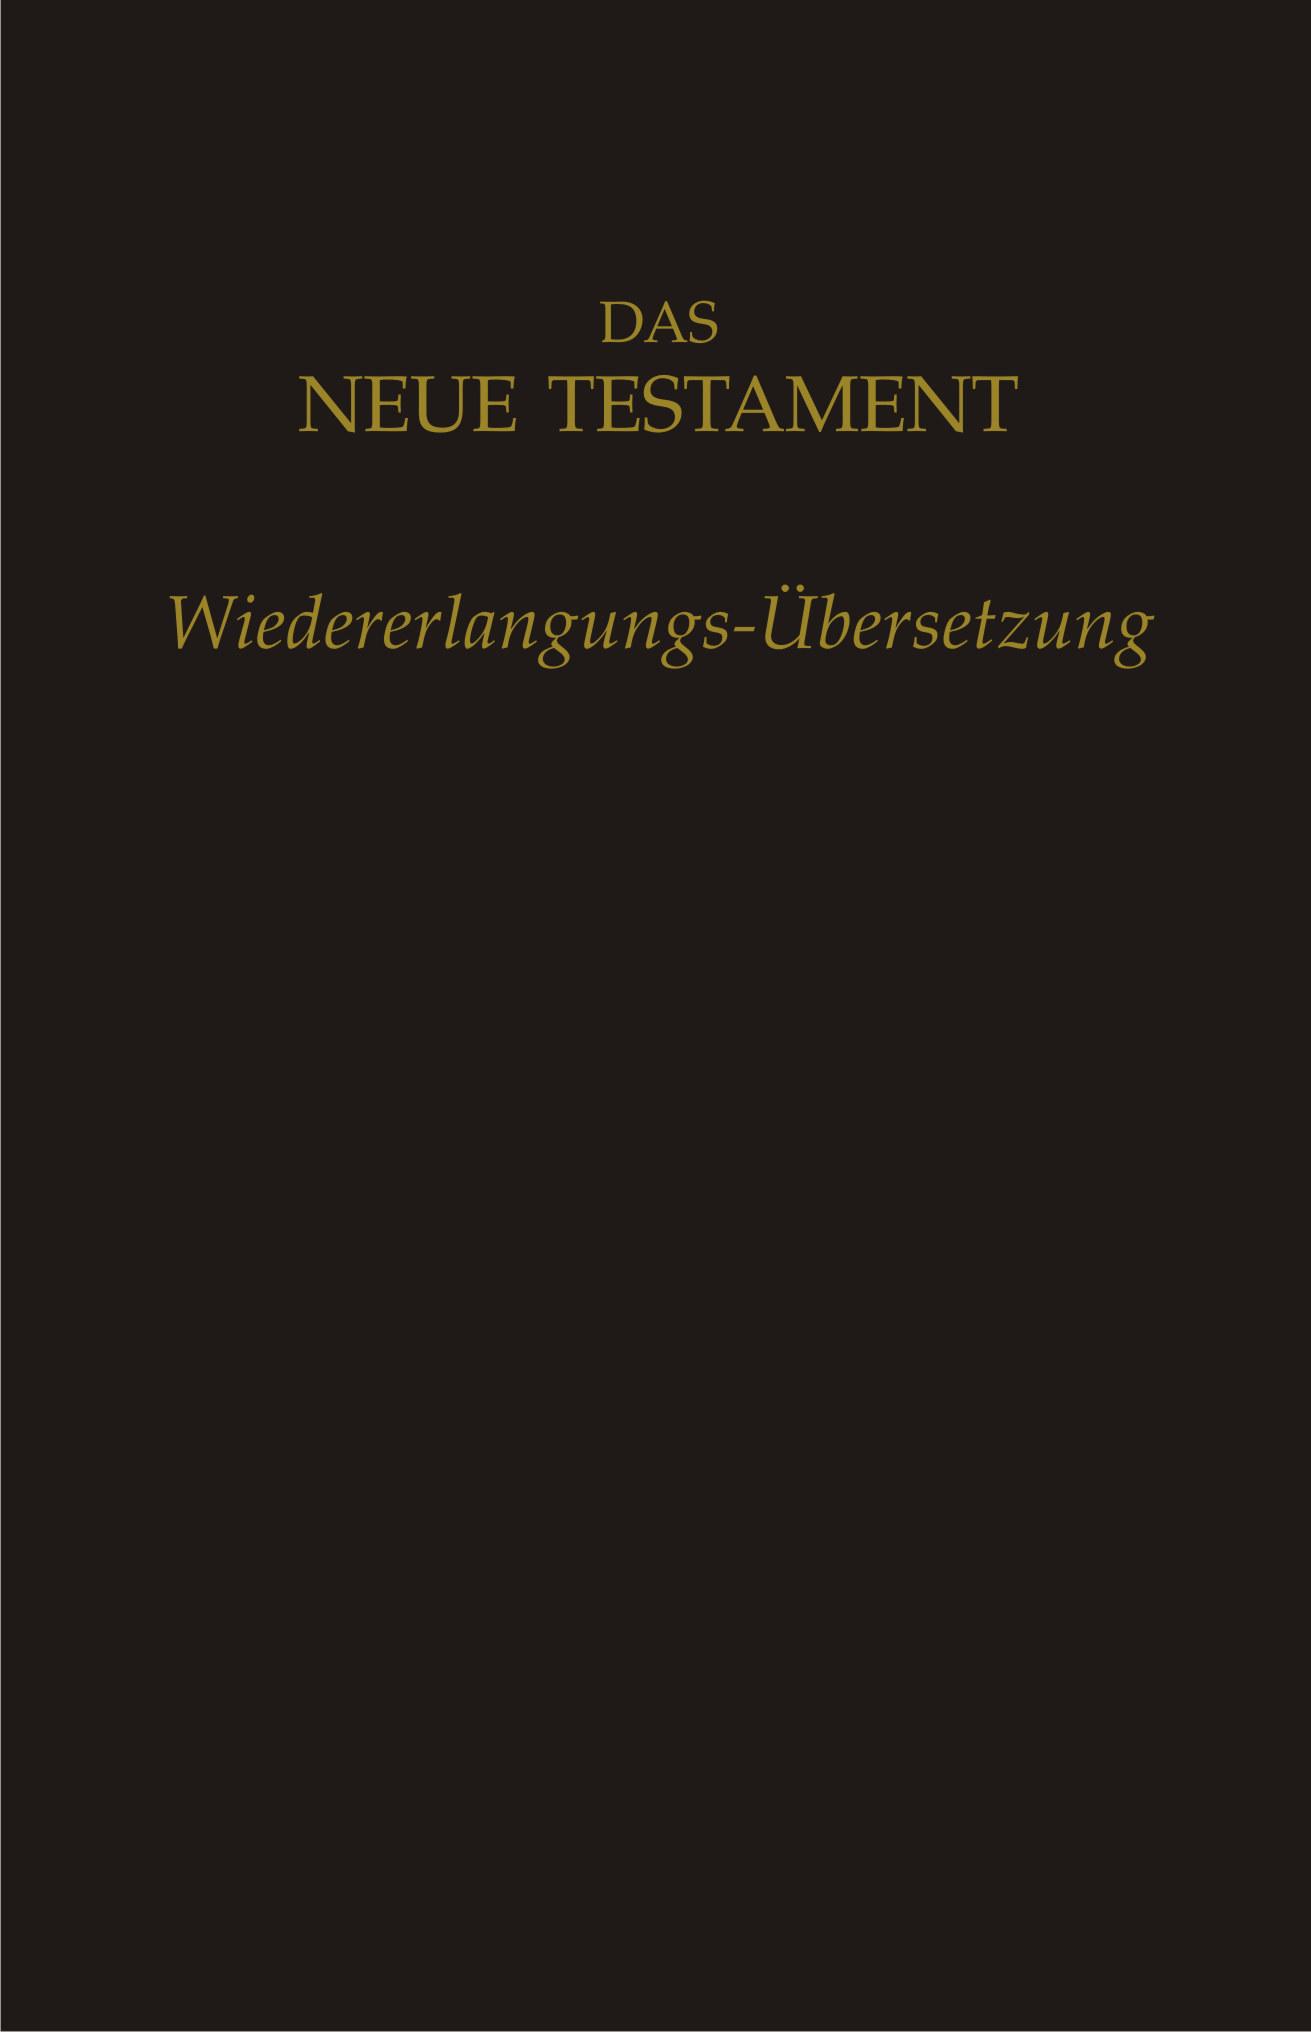 Wiedererlangungs-Übersetzung